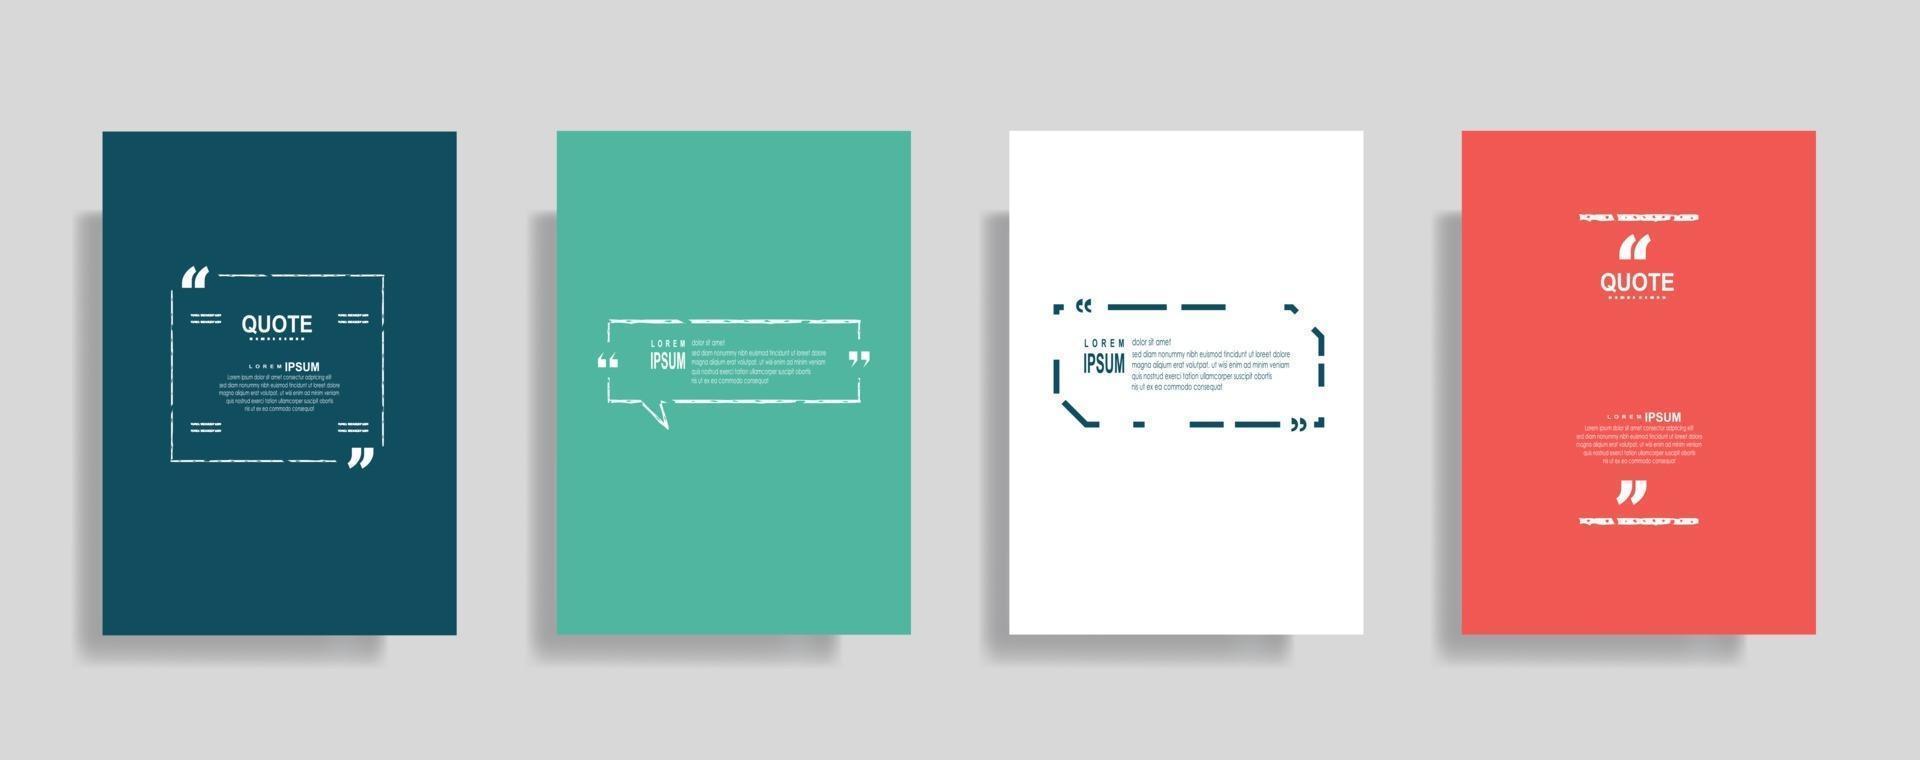 citaten frame lege sjablonen ingesteld, tekst tussen haakjes, citaat lege tekstballonnen. tekst bos geïsoleerd op een achtergrond in kleur. vector